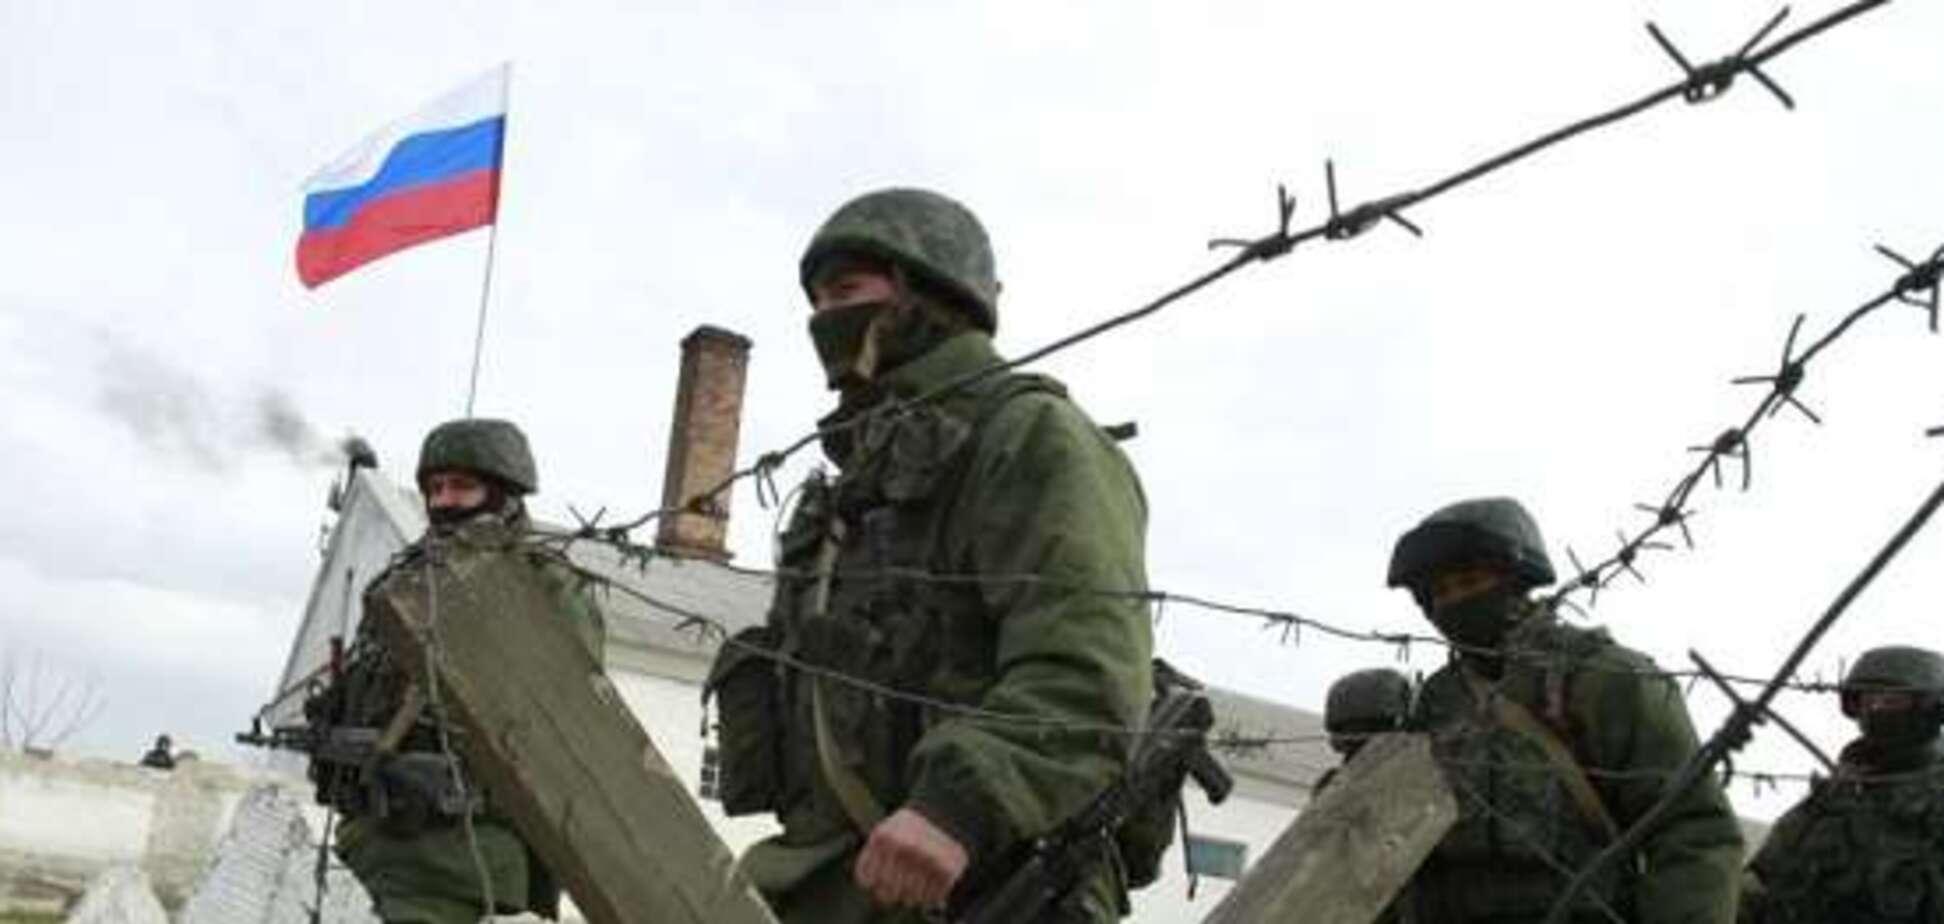 От Украины до Латинской Америки: на росТВ раскрыли оккупационные планы Кремля